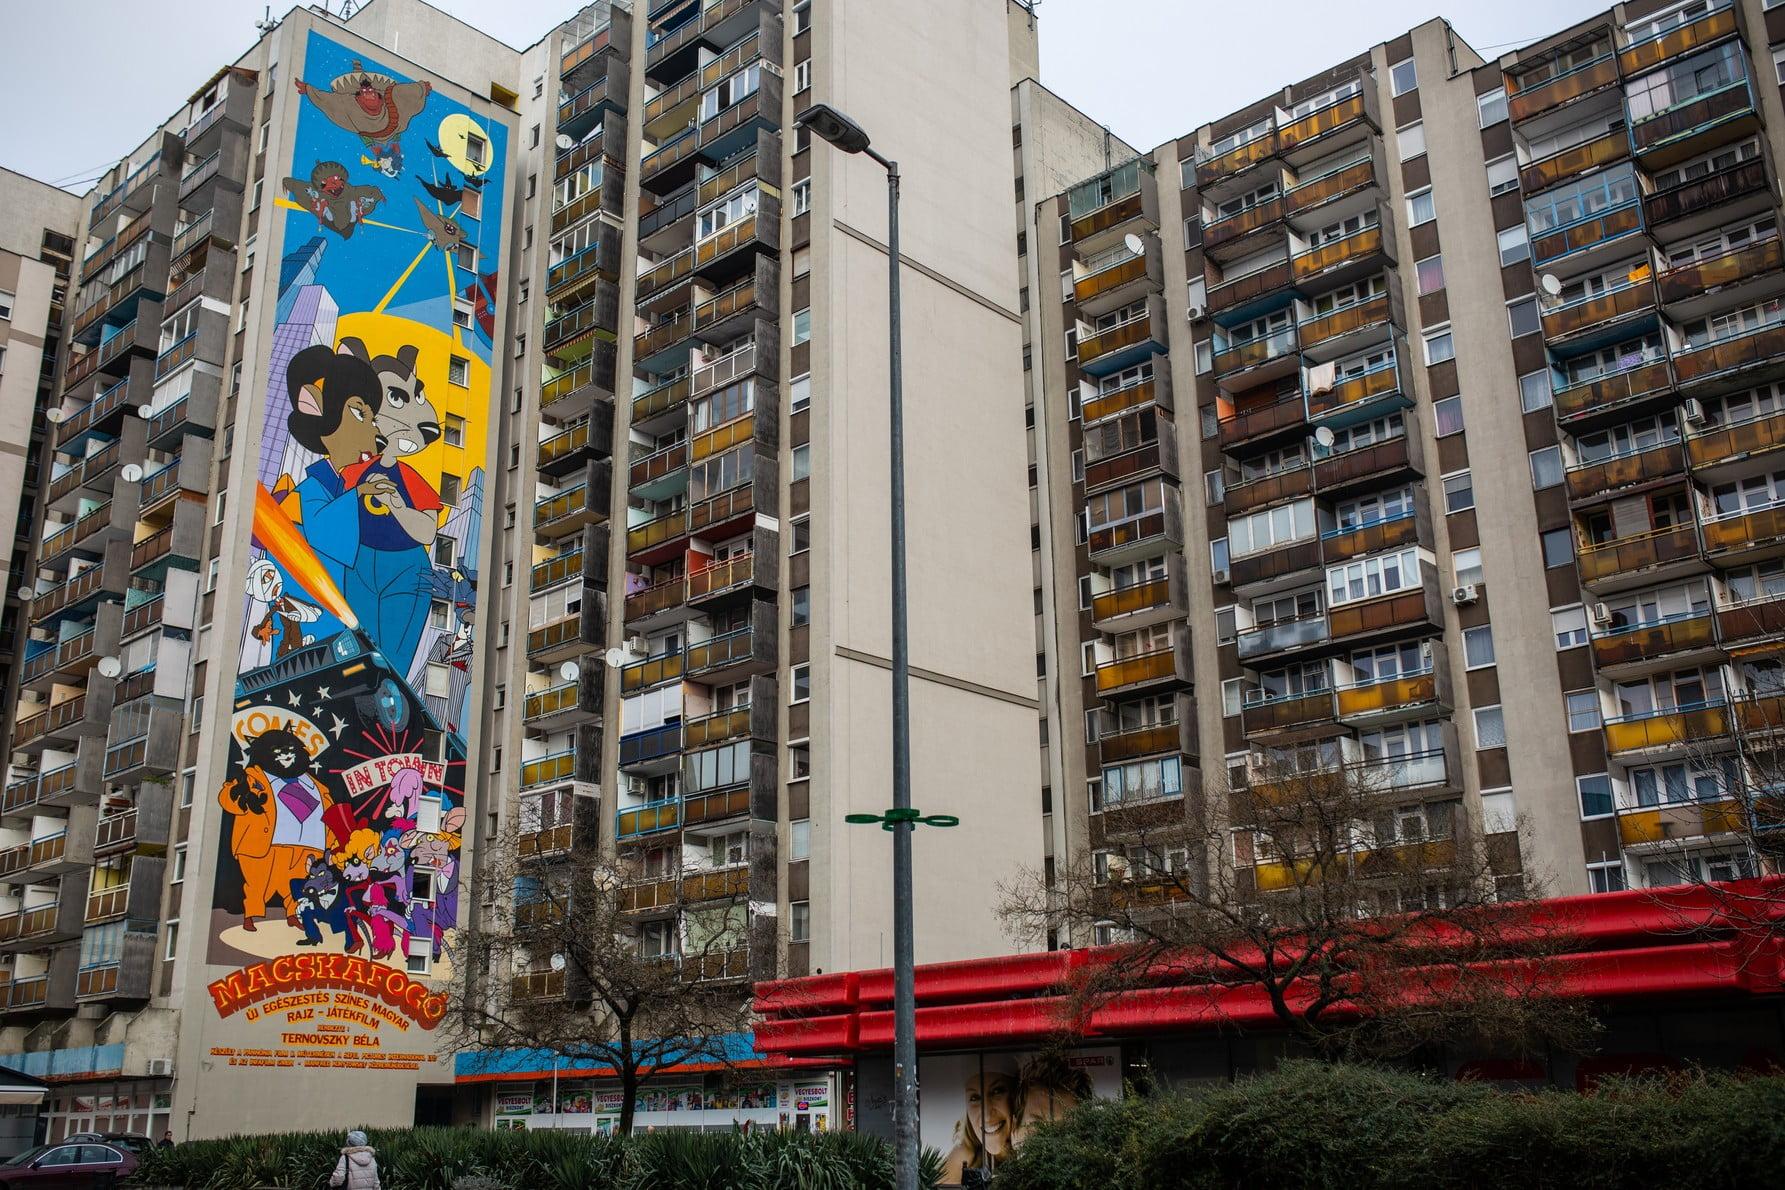 Macskafogó festmény Józsefváros egyik tűzfalán